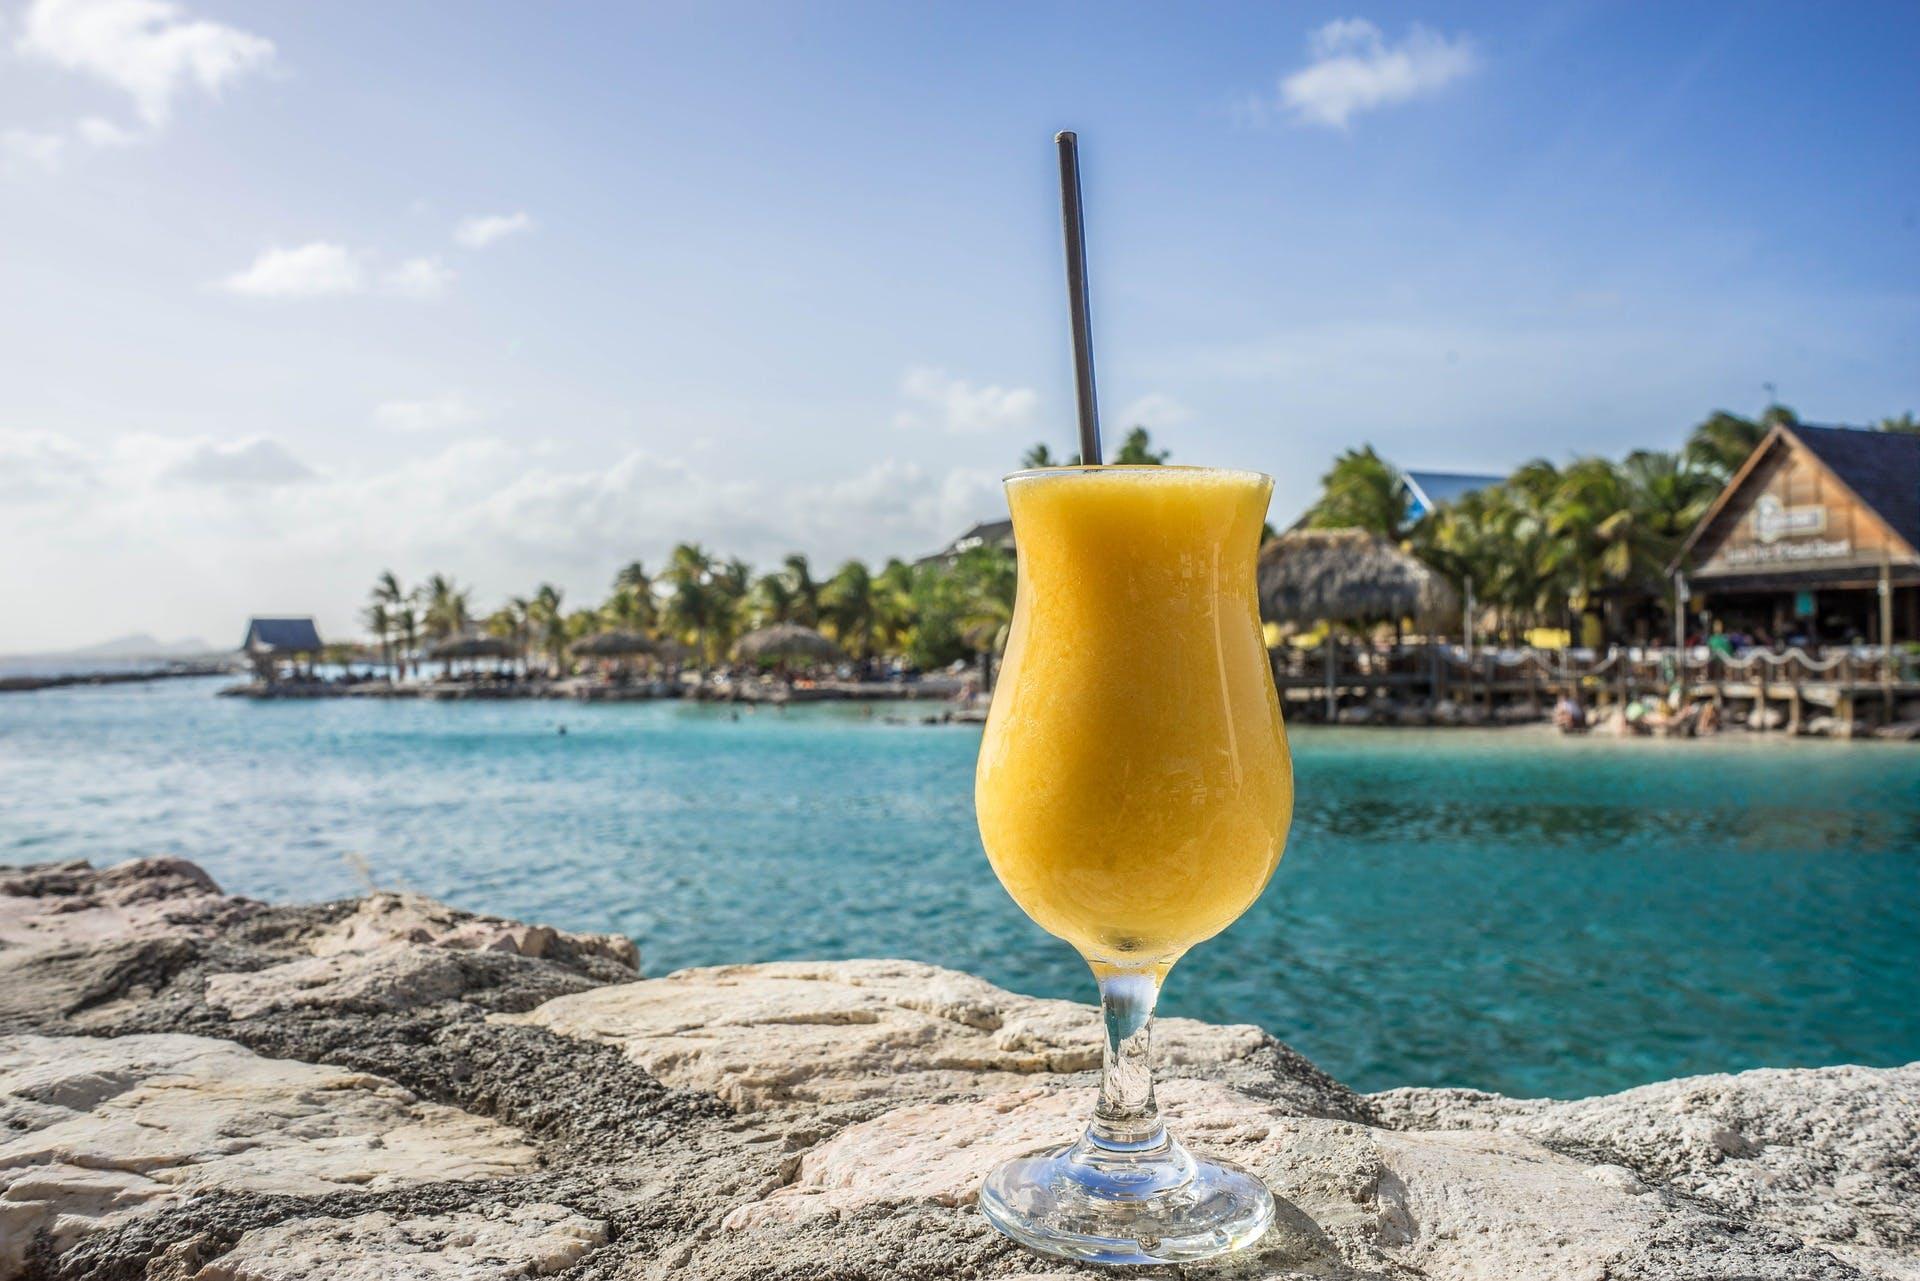 Camp David verlost eine Traumreise nach Curaçao